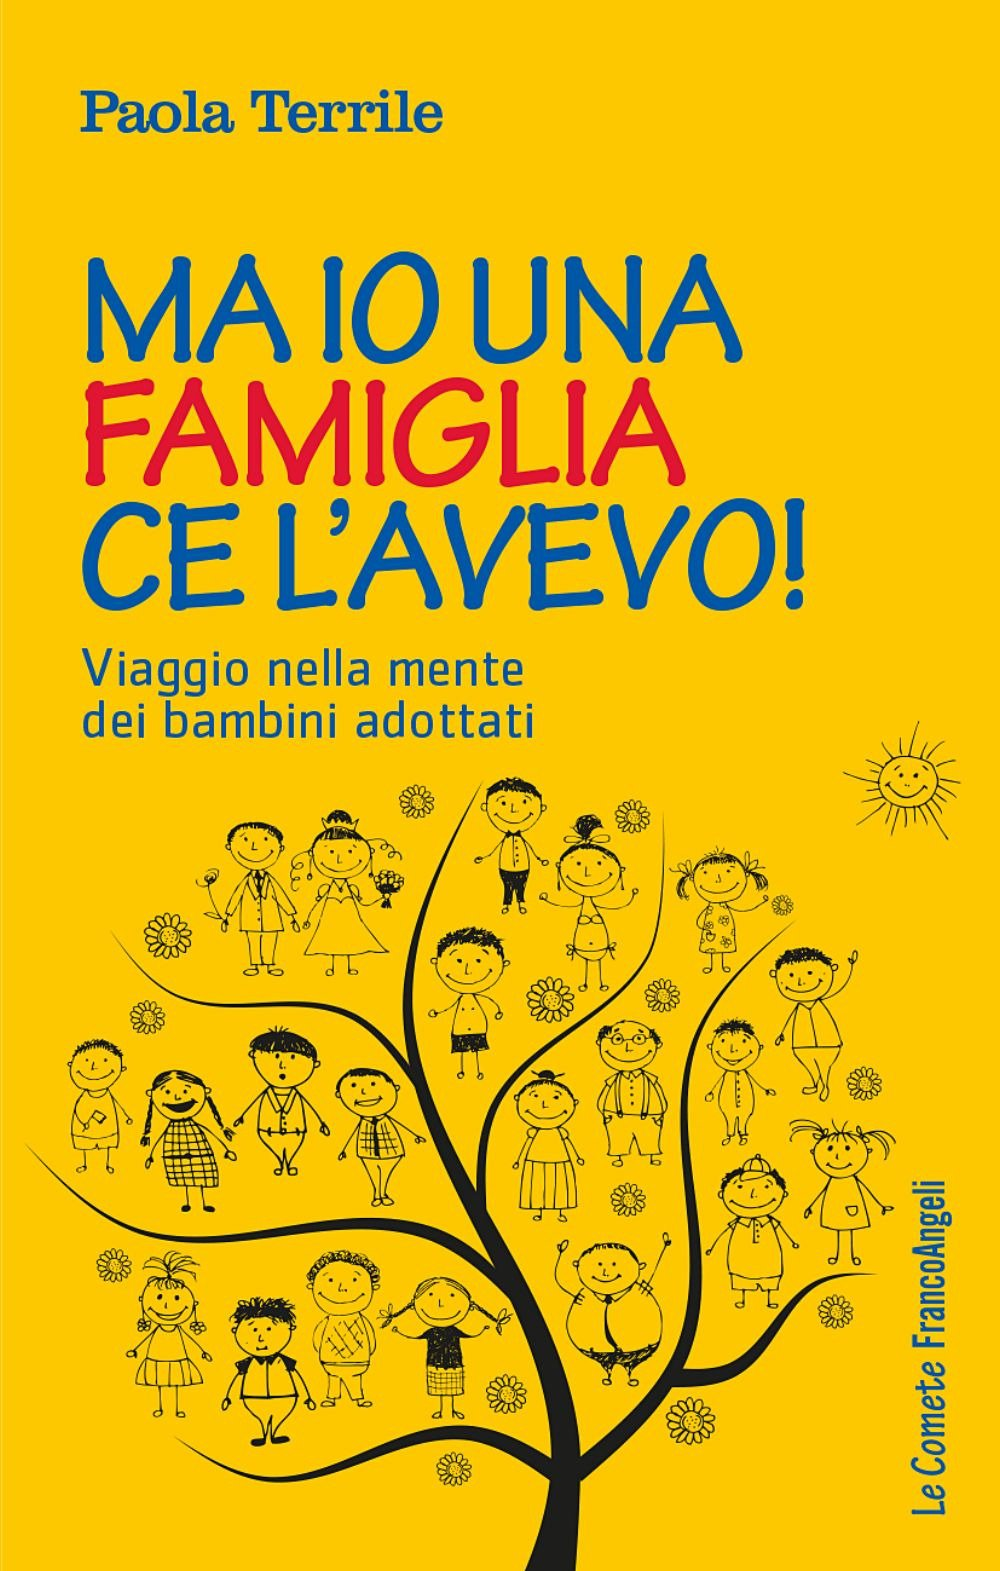 Ma io una famiglia ce l'avevo! Viaggio nella mente dei bambini adottati Copertina flessibile – 11 ott 2017 Paola Terrile Franco Angeli 889176003X PSICOLOGIA